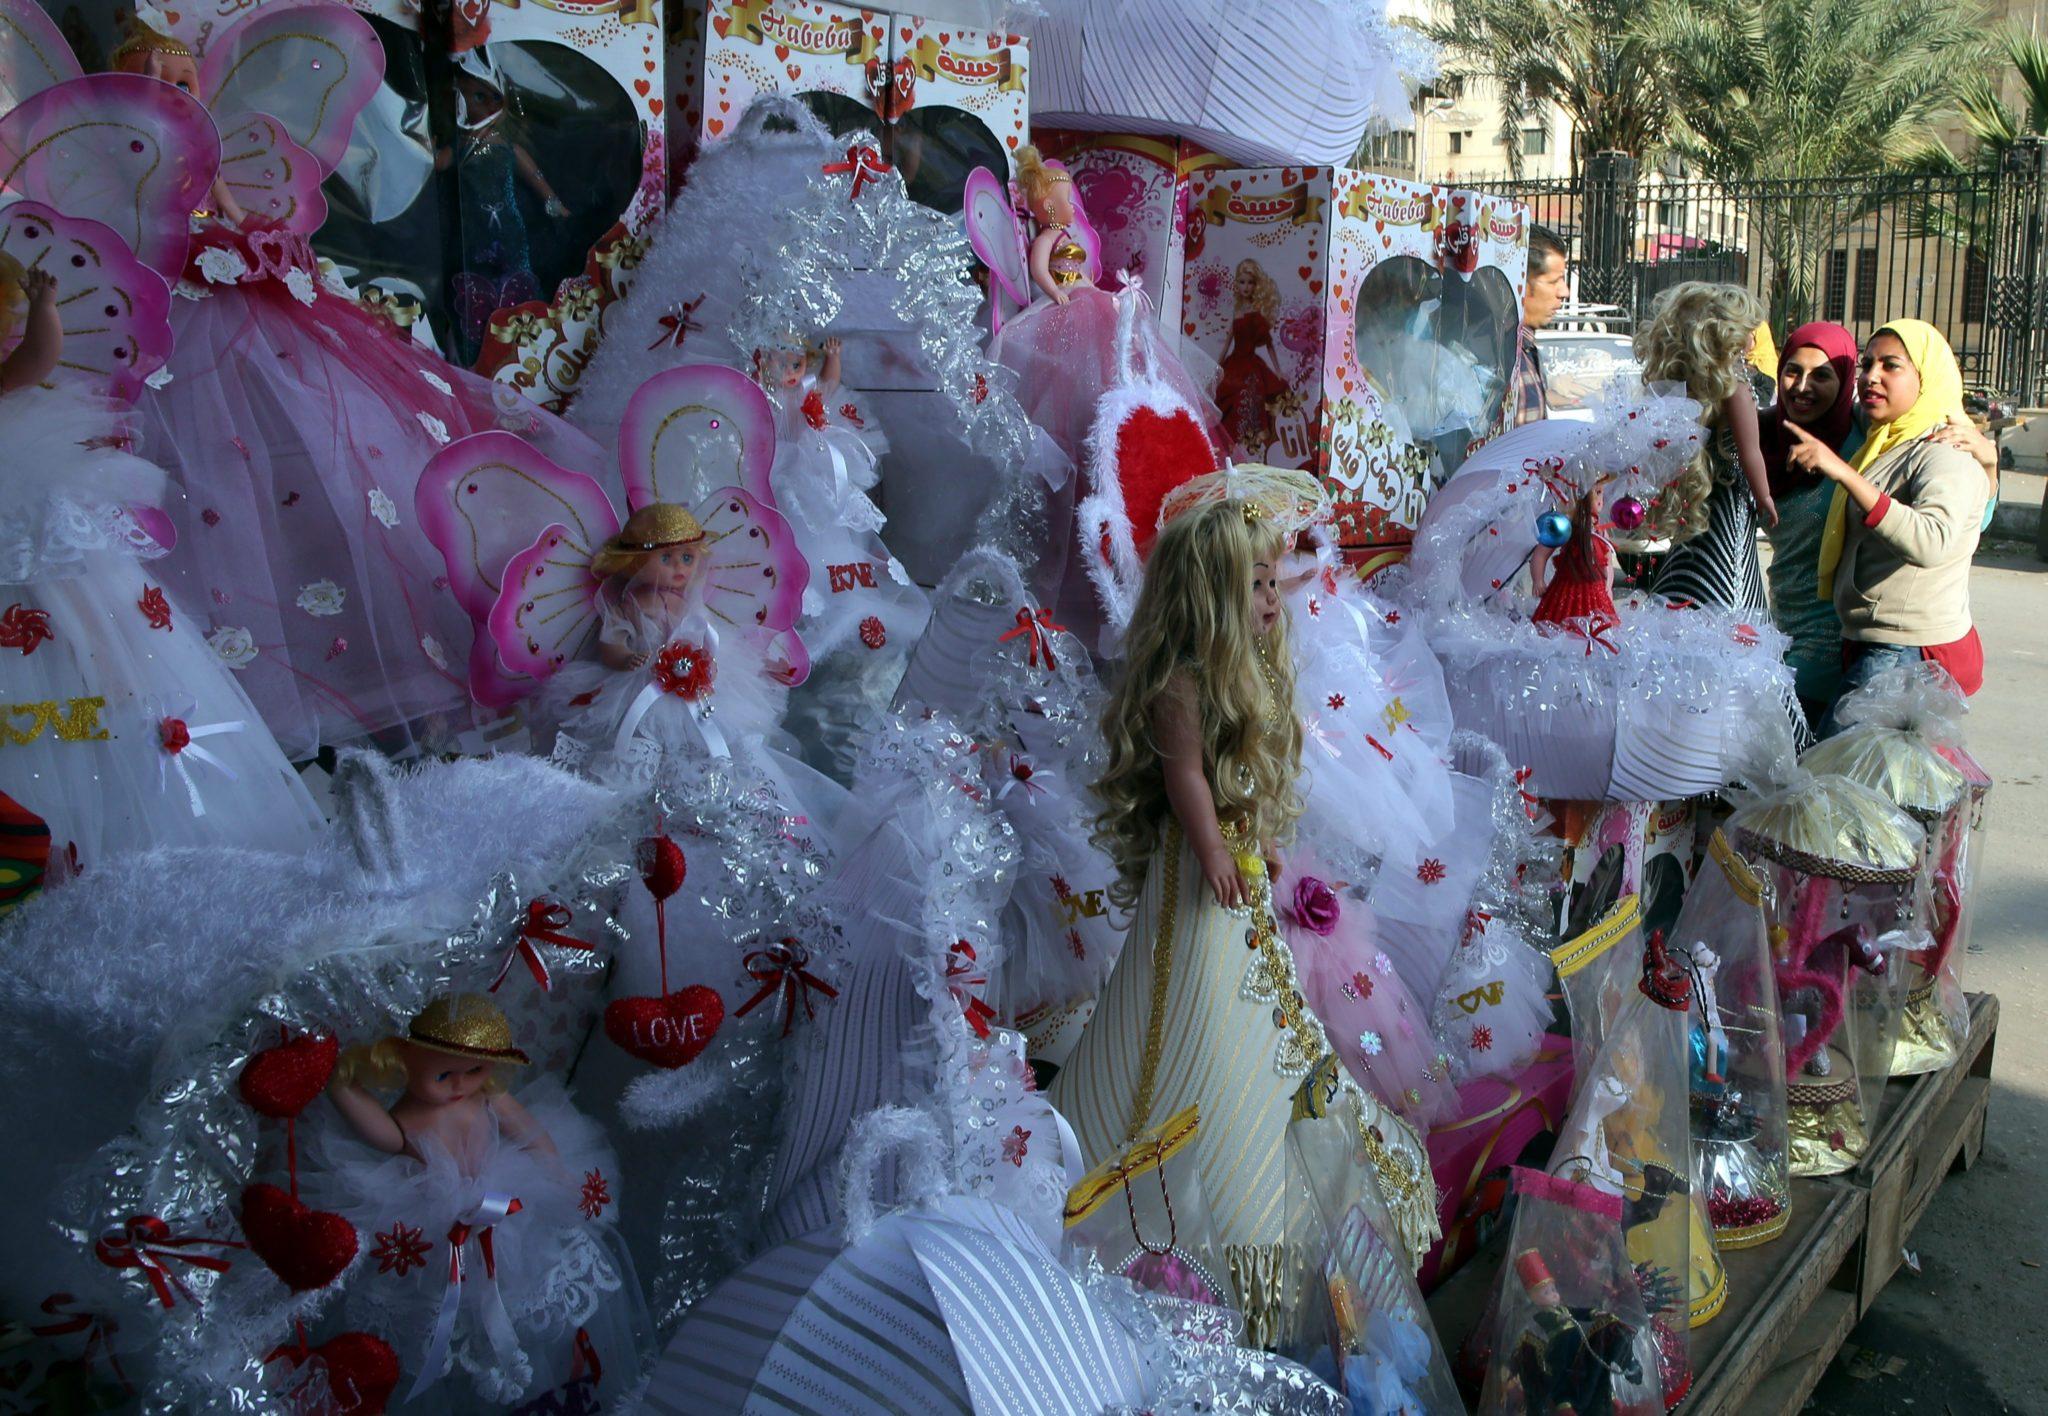 Egipt: przygotowania do obchodów kolejnej rocznicy urodzin proroka Mahometa w Kairze (foto. PAP/EPA/KHALED ELFIQI)